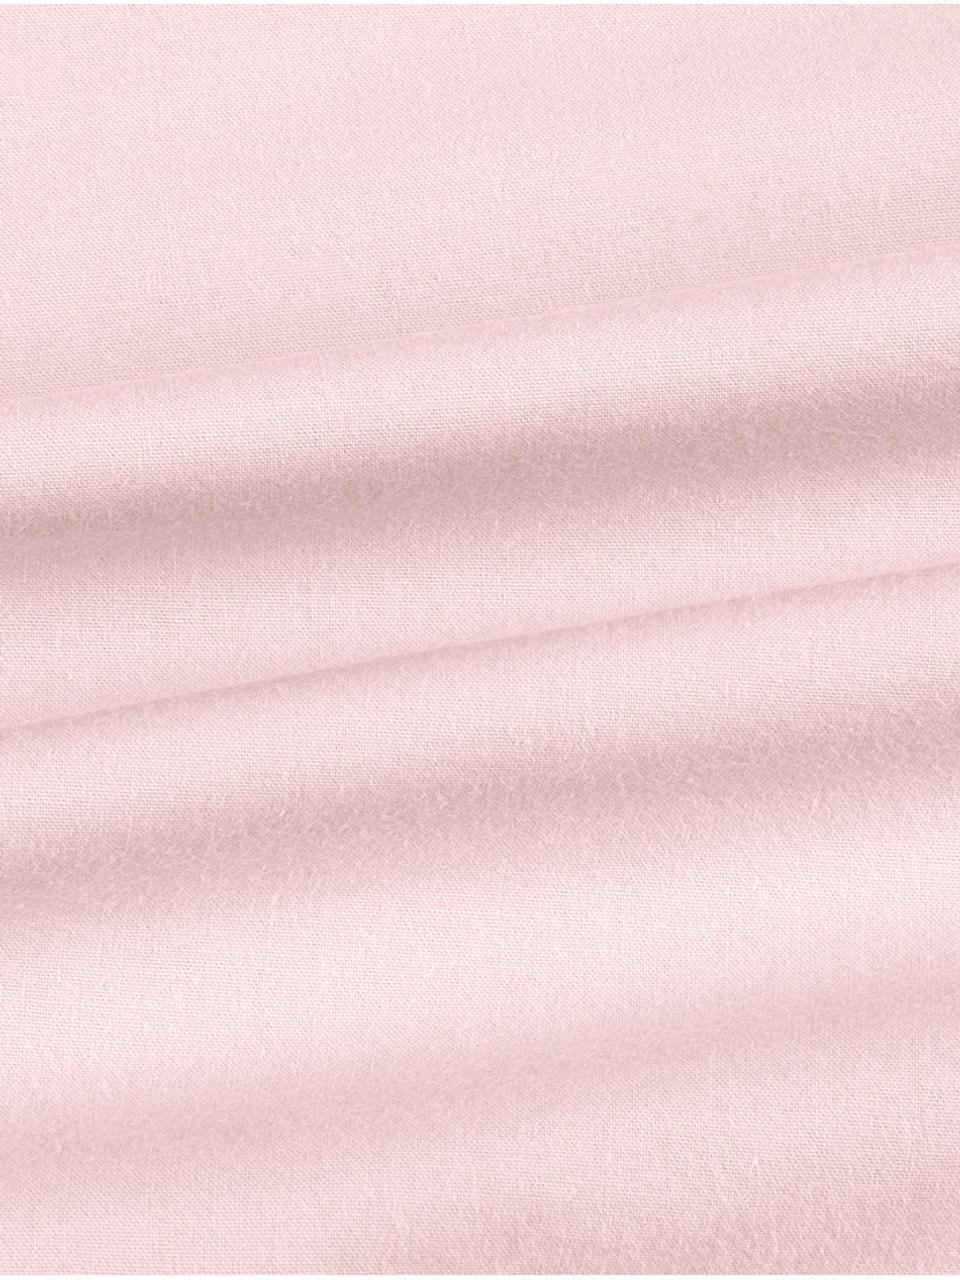 Gewaschene Baumwoll-Kissenbezüge Florence mit Rüschen, 2 Stück, Webart: Perkal Fadendichte 180 TC, Rosa, 40 x 80 cm